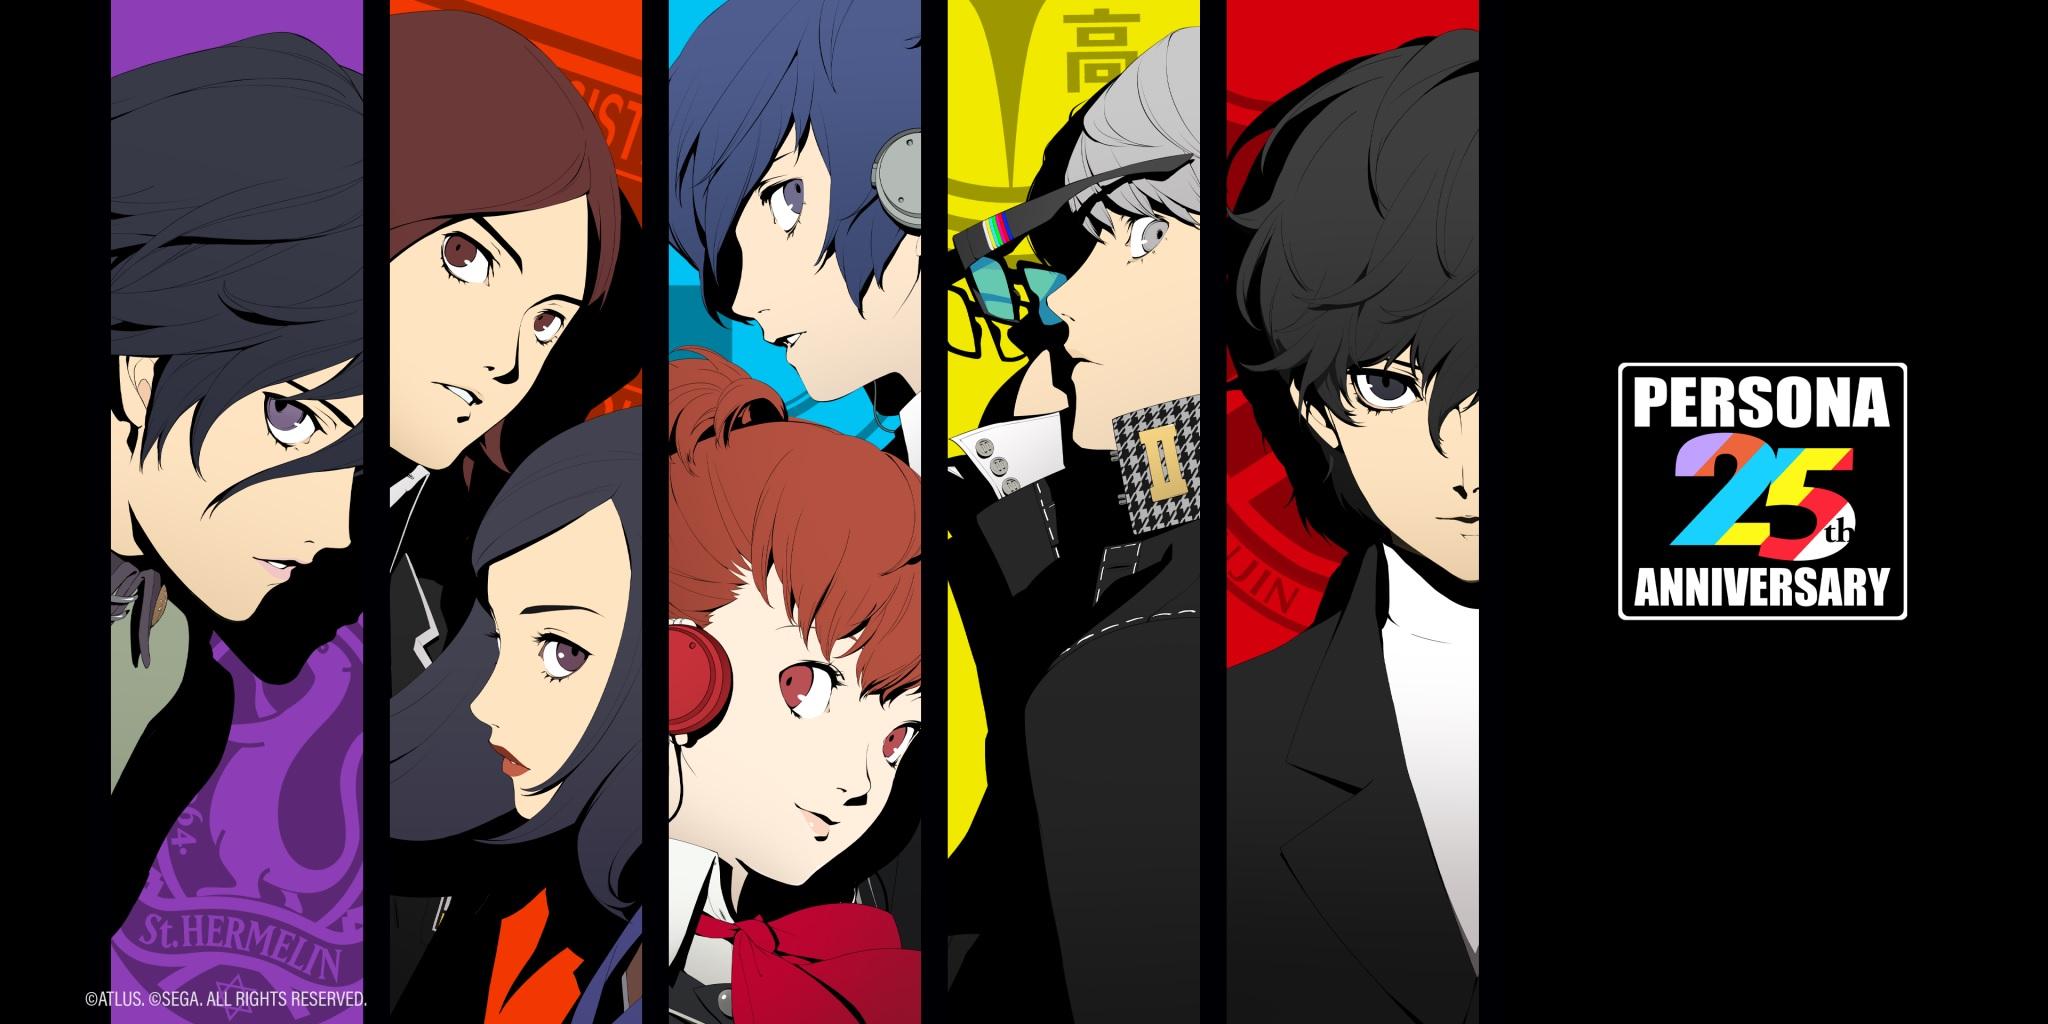 Persona 25th Anniversary art